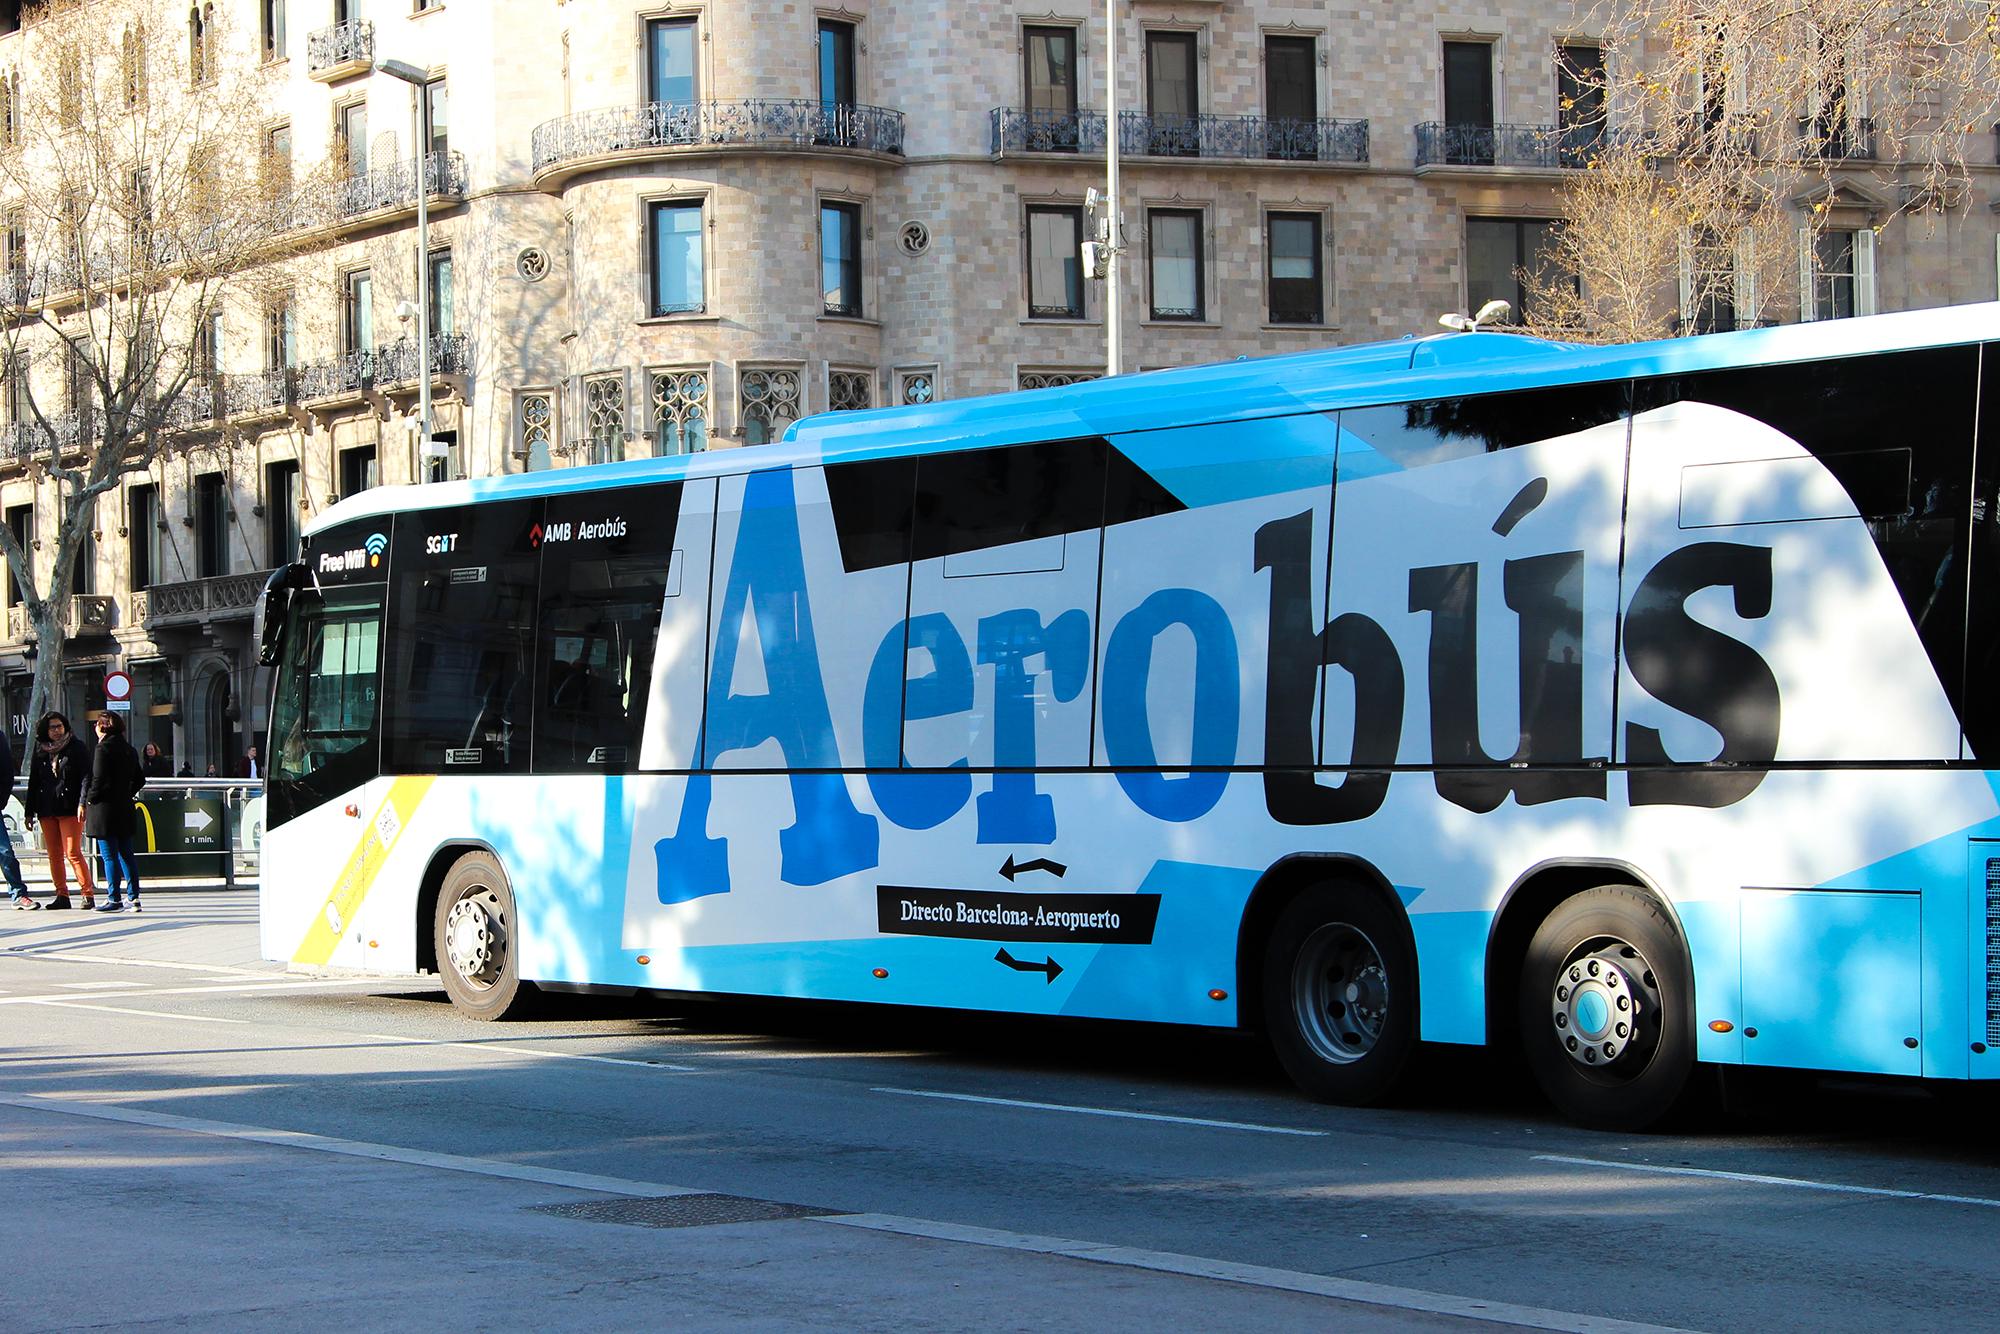 aerobus transport pour aller dans le centre de barcelone